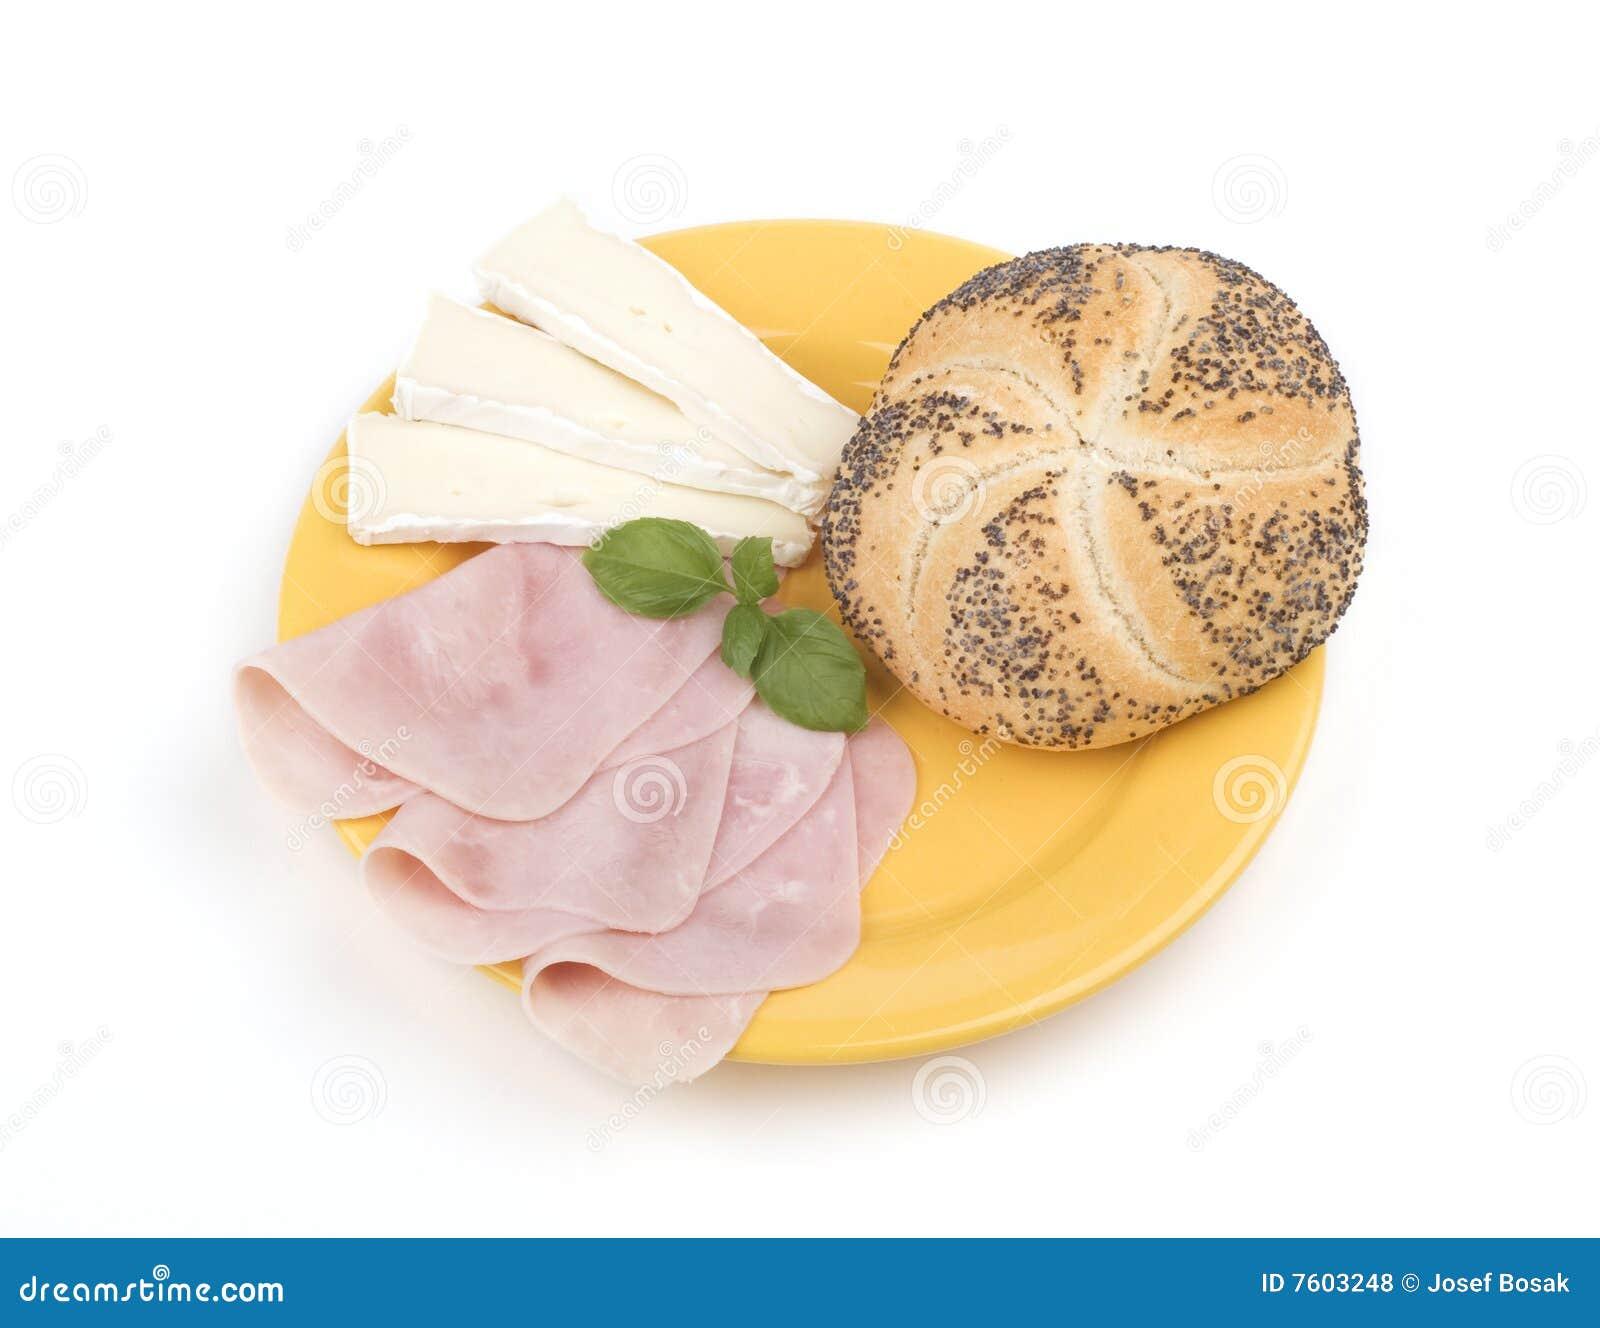 面包干酪火腿牌照